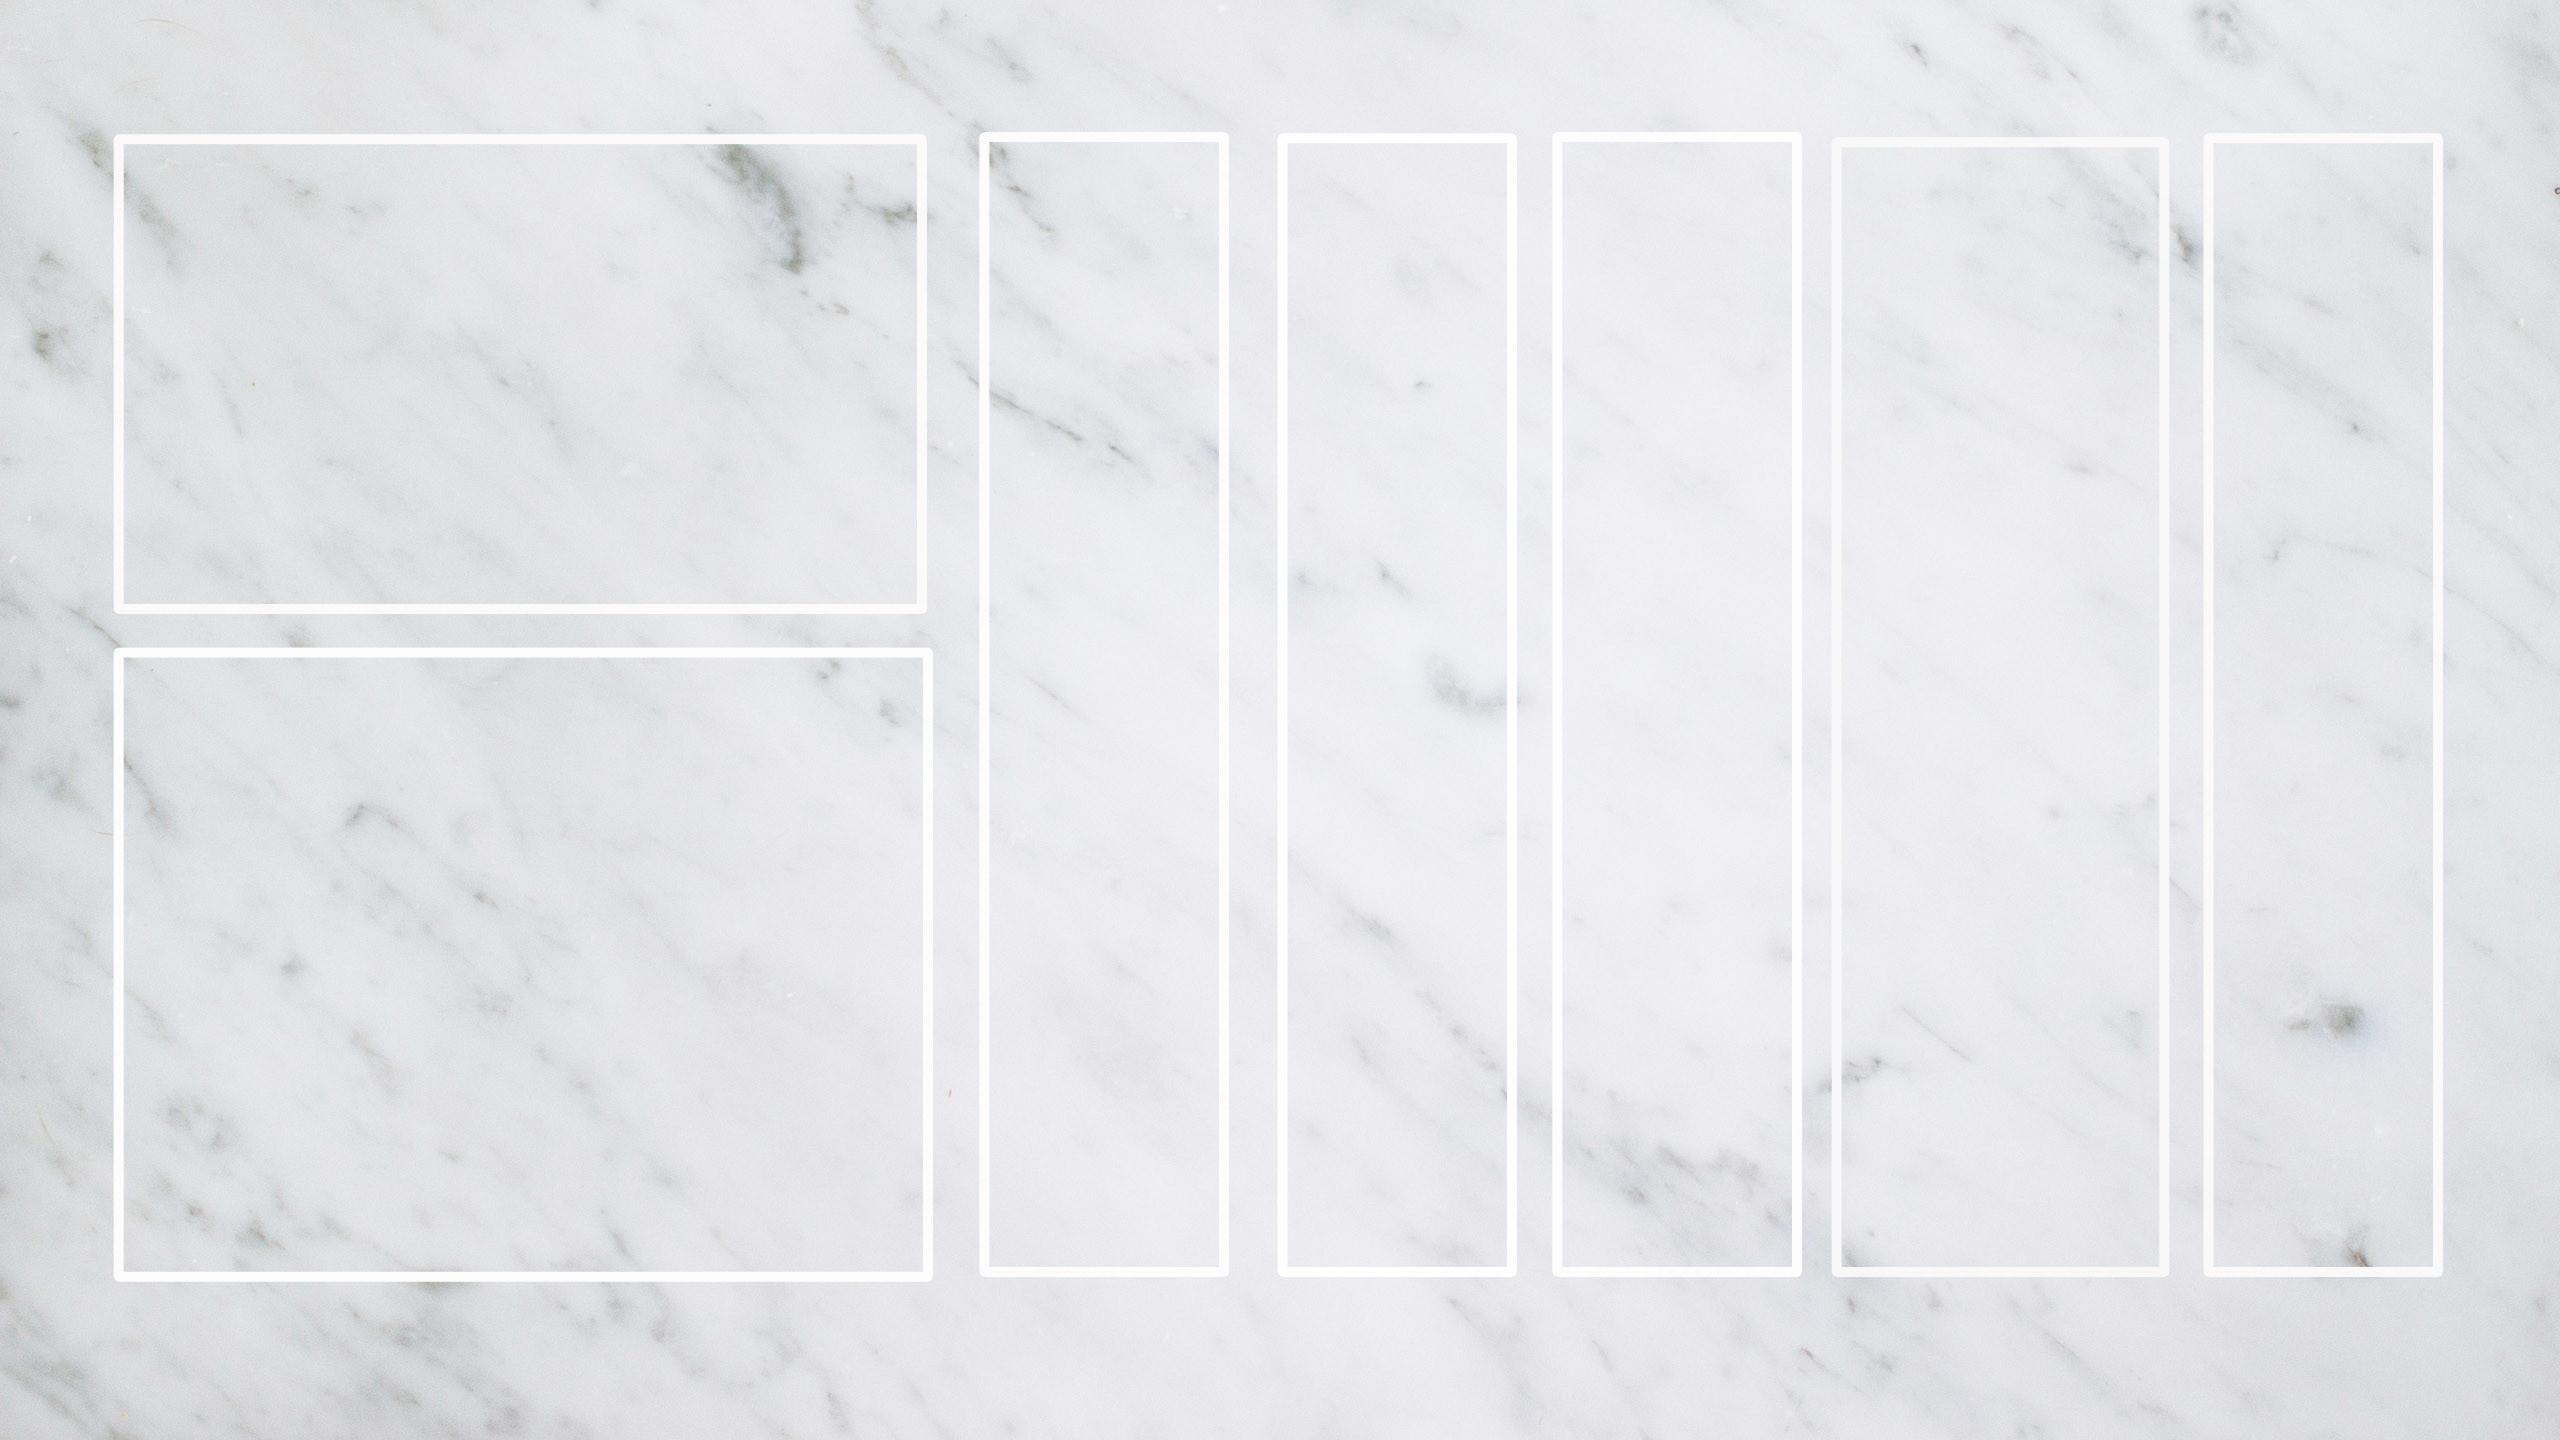 Best 25+ Desktop organizer wallpaper ideas on Pinterest | Computer desktop  wallpaper, Modern shop and Motivational desktop backgrounds